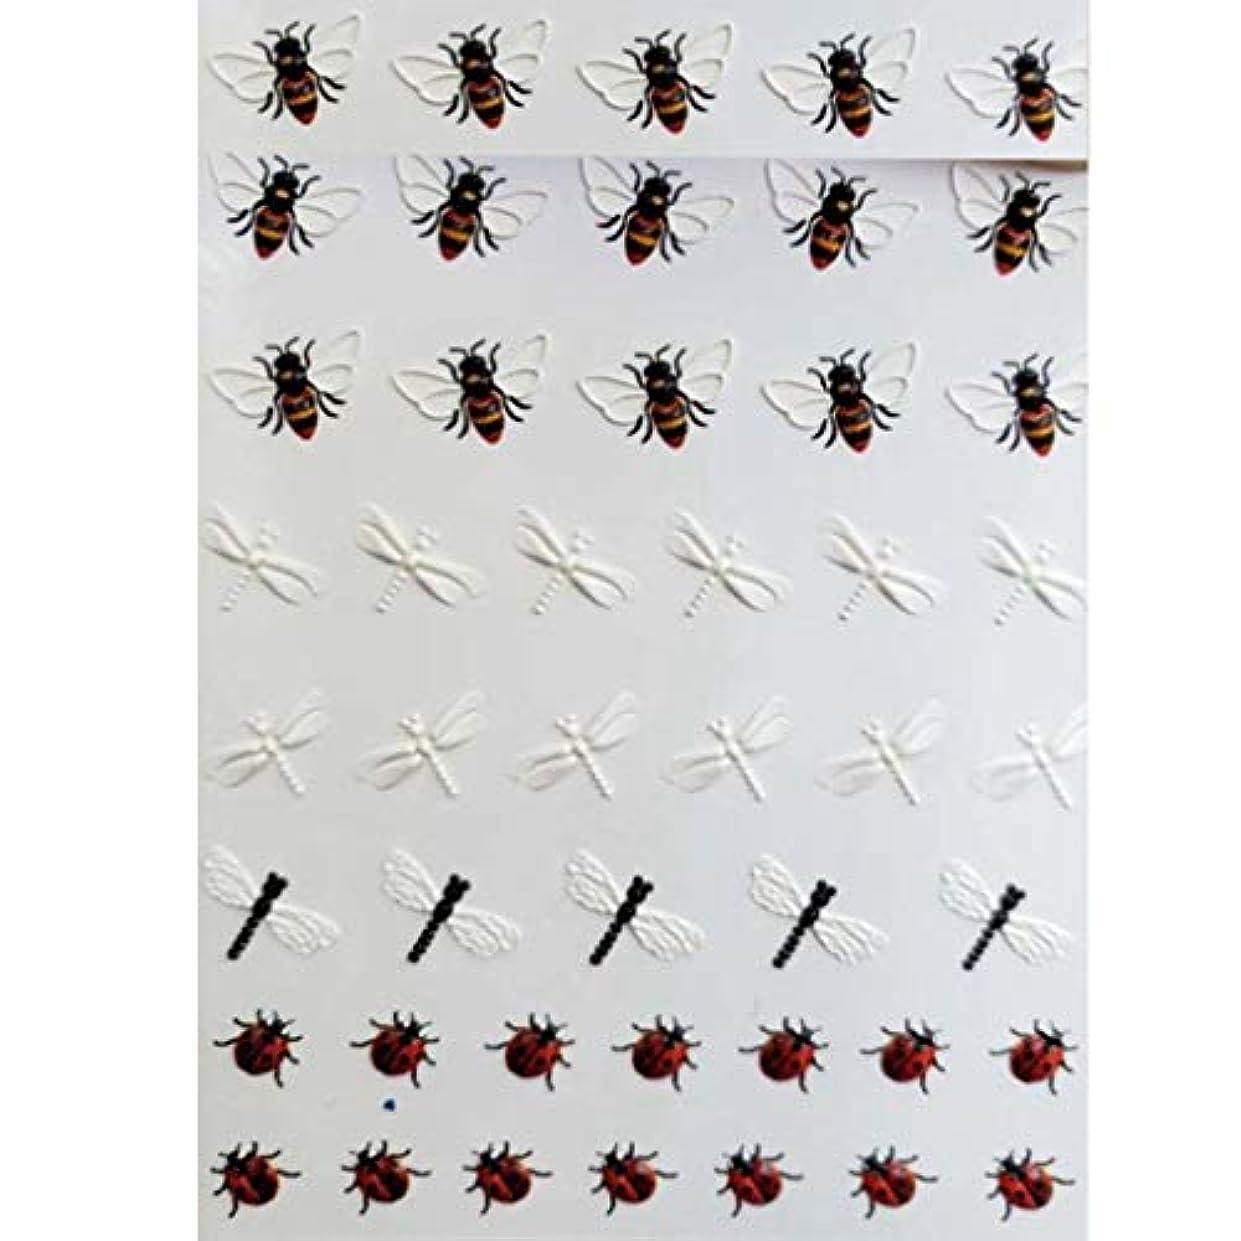 防衛リテラシーにもかかわらずLazayyii 6d刻印 アクリル ネイル ステッカー ネイルステッカーエンボスフラワーウォーター (B)